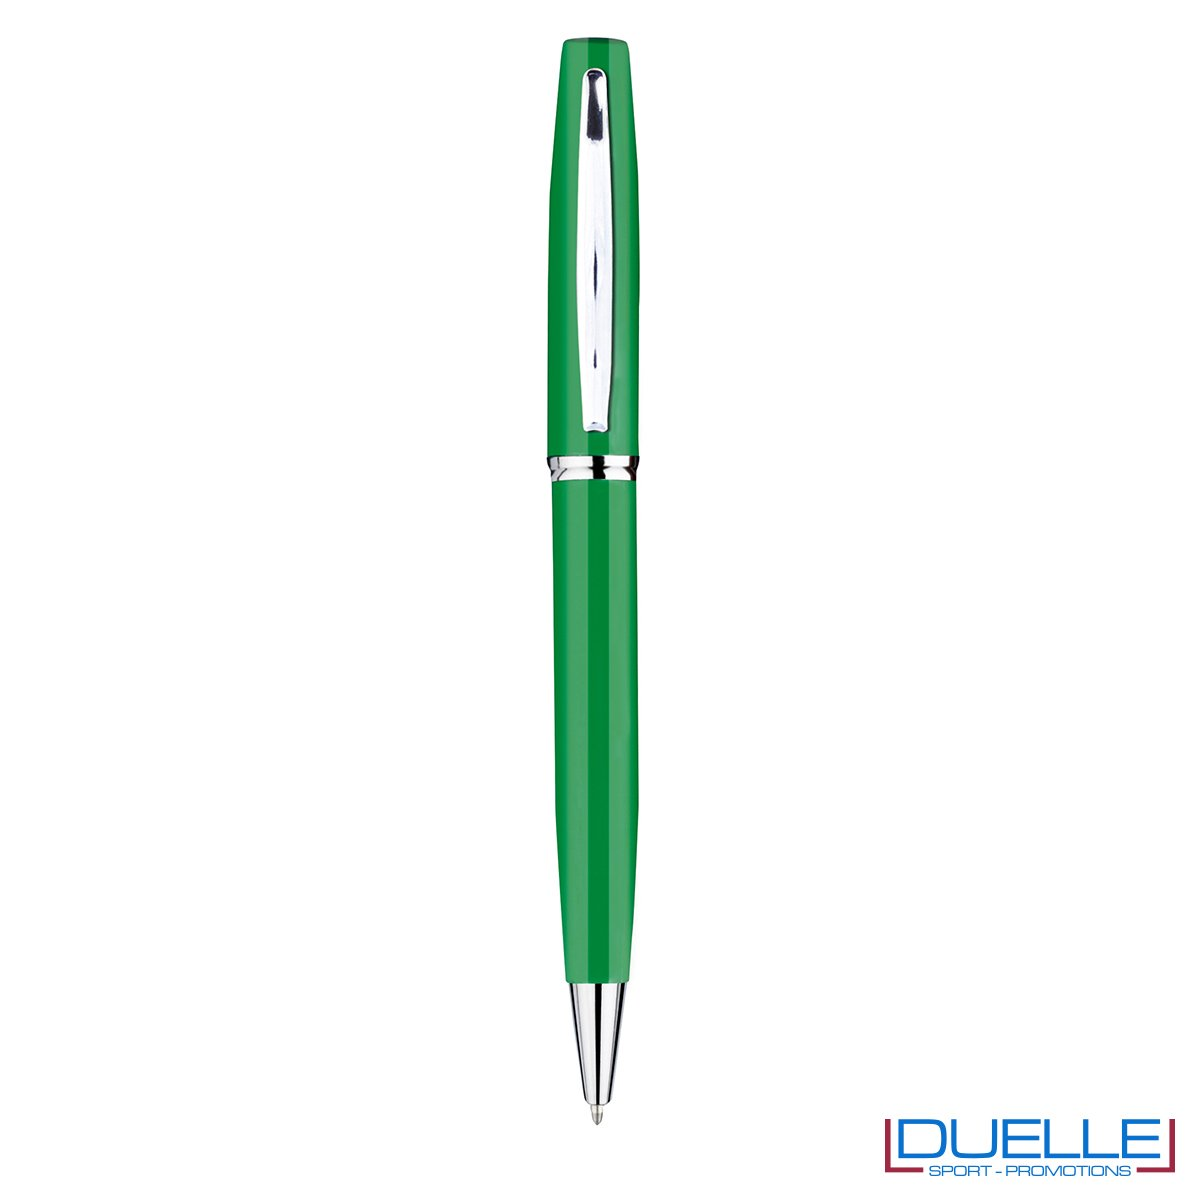 Penna a sfera in metallo personalizzata con incisione colore verde bandiera